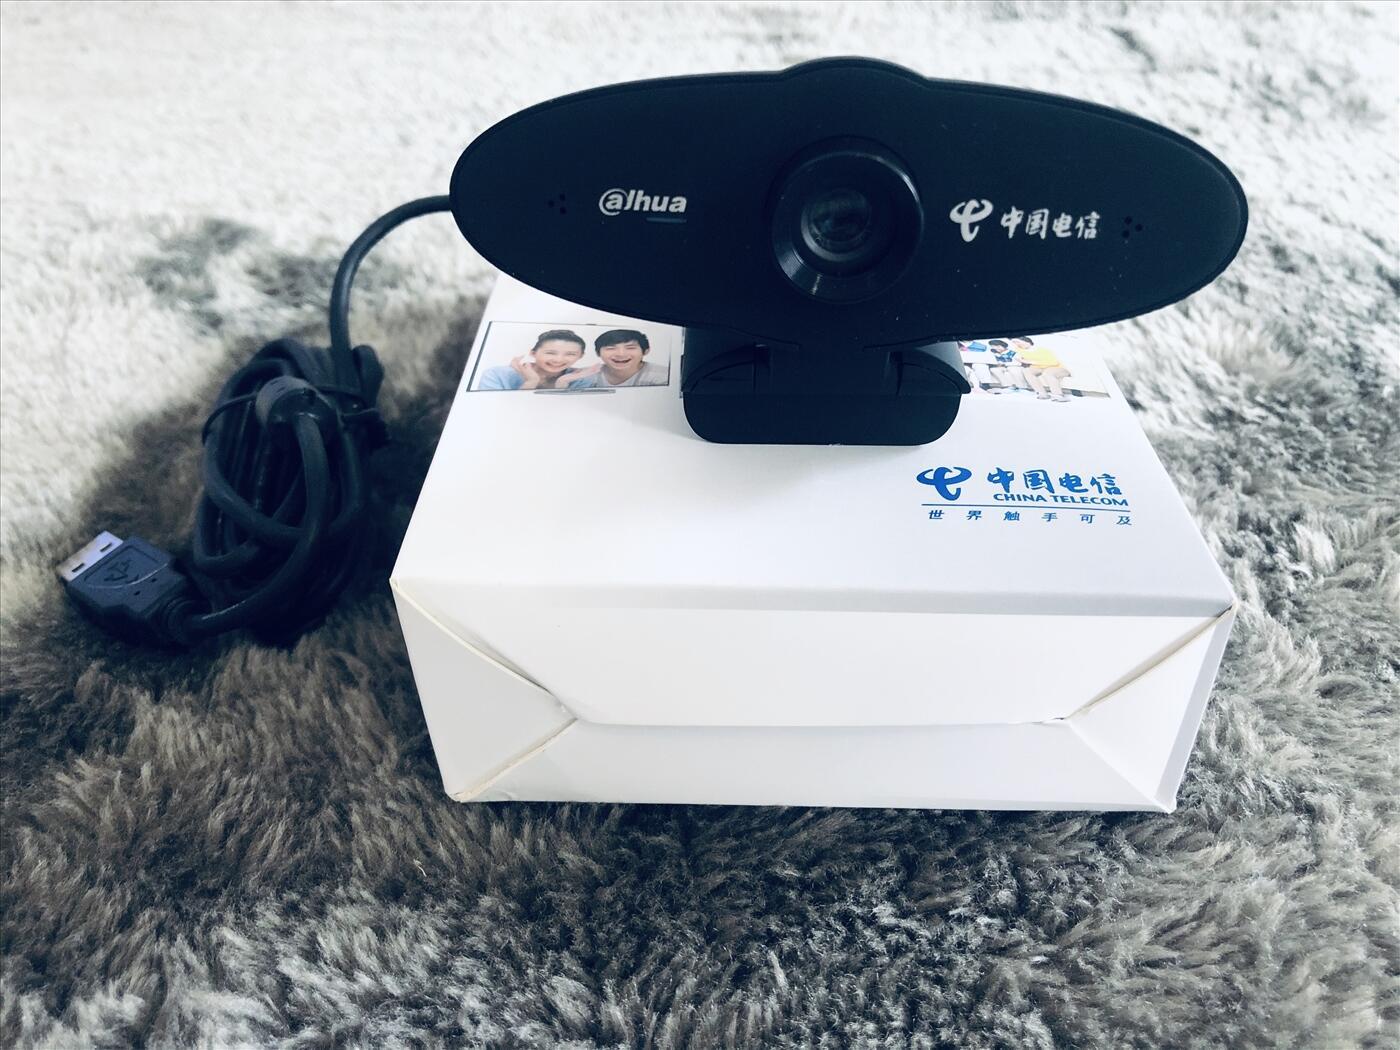 Thiết bị ghi hình Dahua Z2 Plus    Webcam HD 720P    Siêu nét